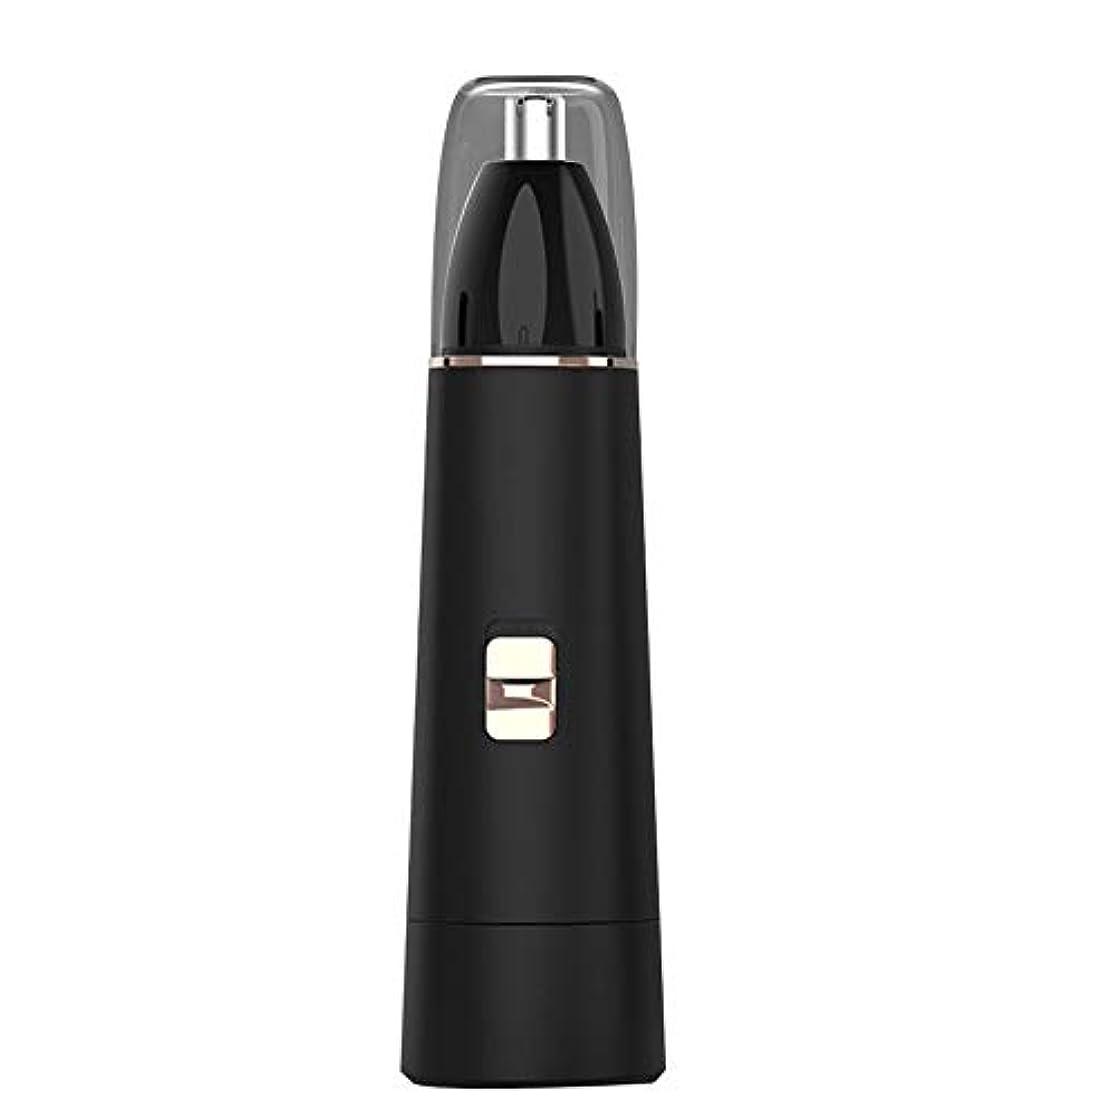 裏切り者配分無人鼻毛トリマー-USB充電式電動鼻毛トリマー/ABS素材/多機能 よくできた